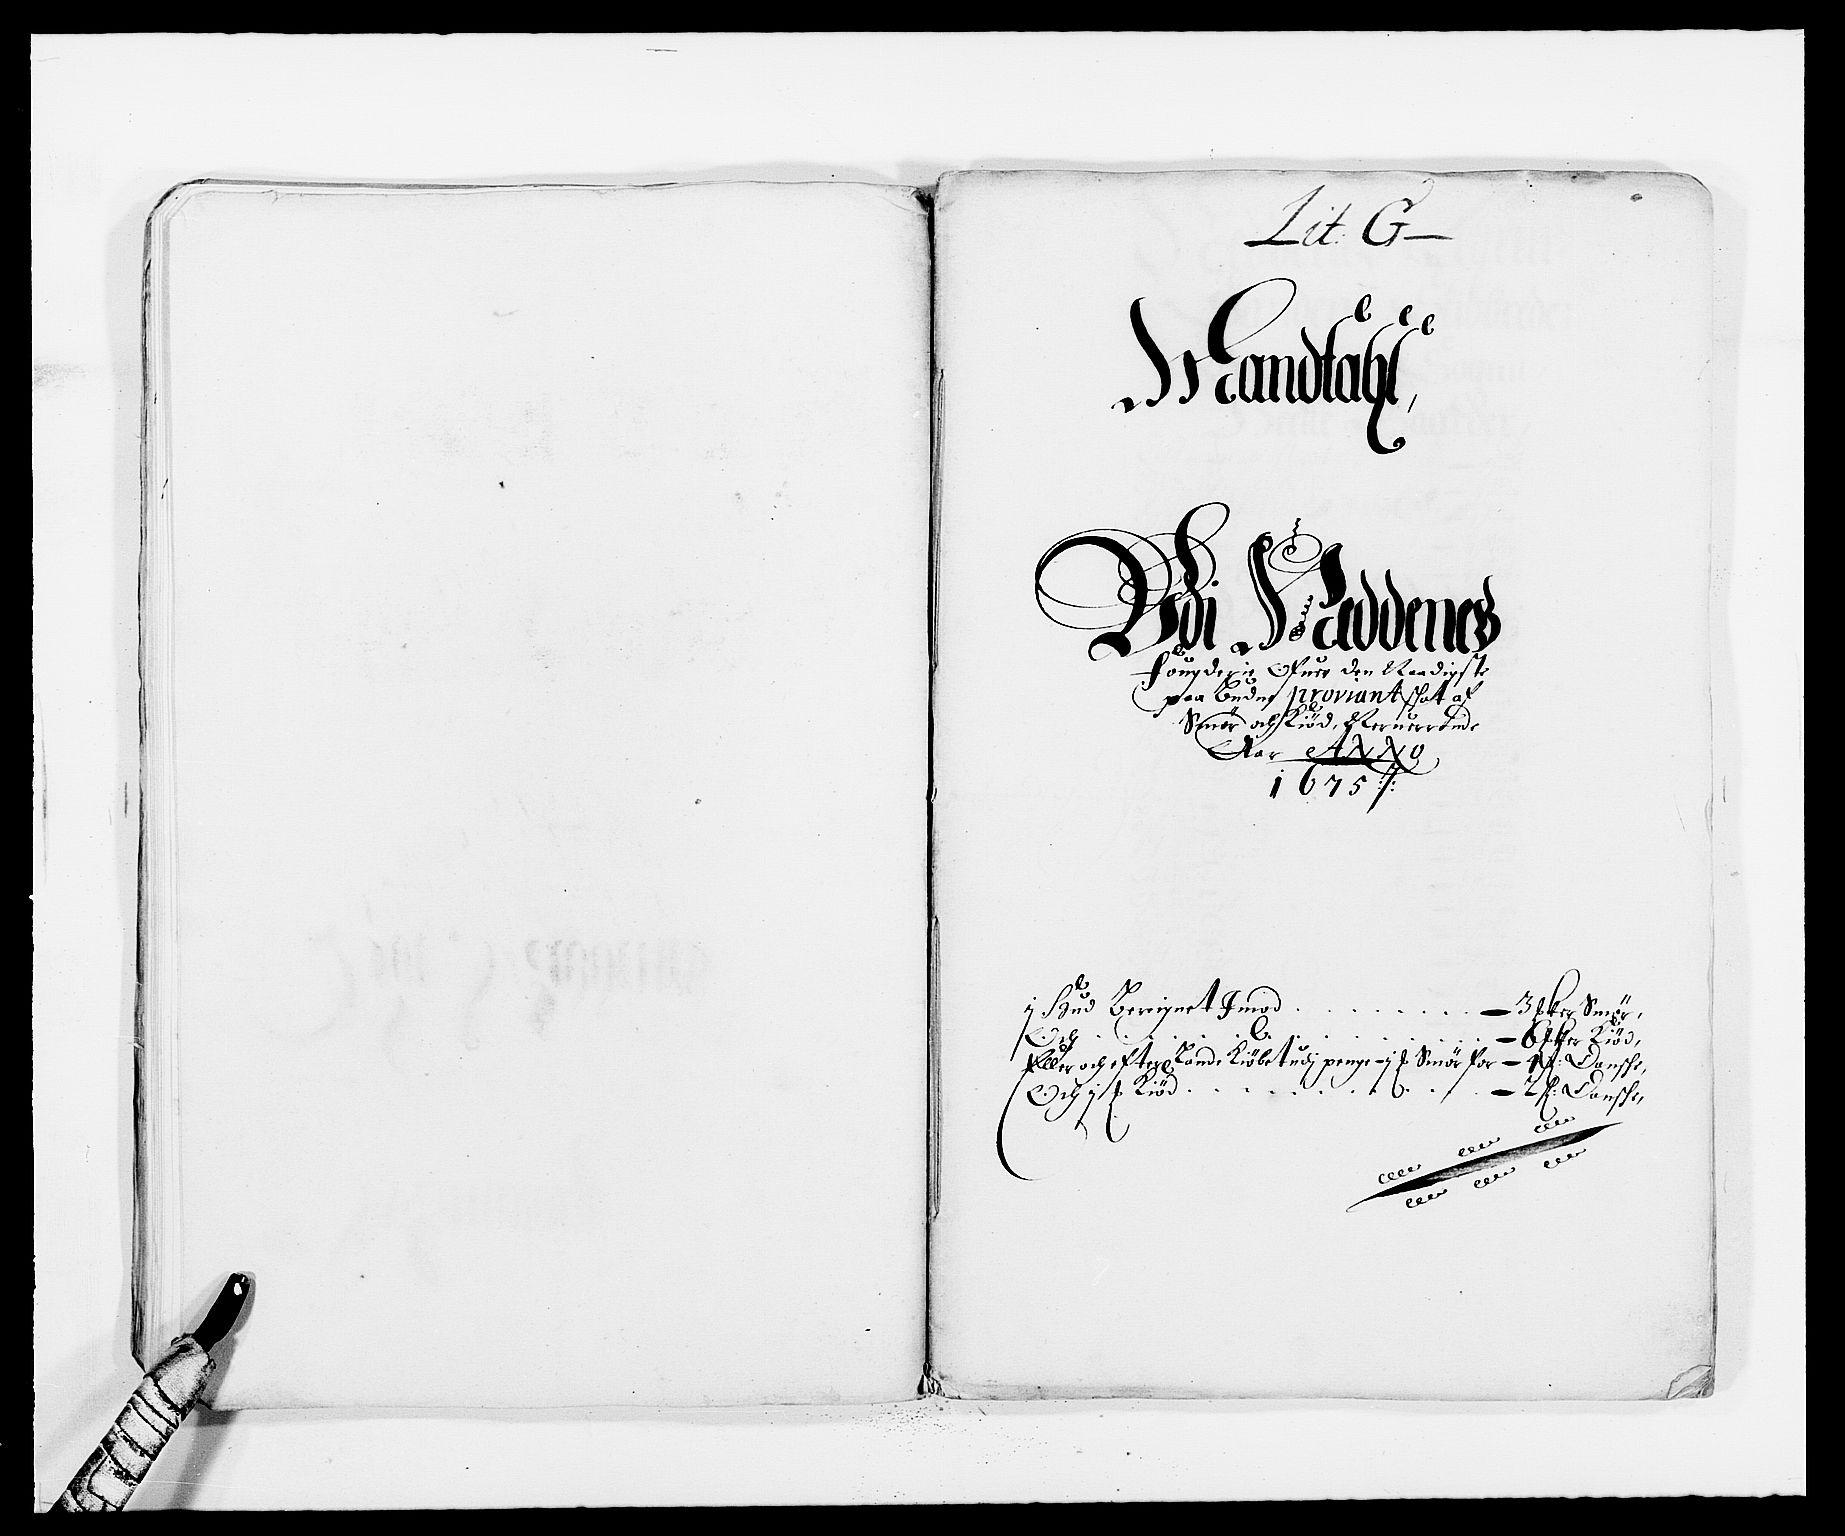 RA, Rentekammeret inntil 1814, Reviderte regnskaper, Fogderegnskap, R39/L2301: Fogderegnskap Nedenes, 1675-1676, s. 137